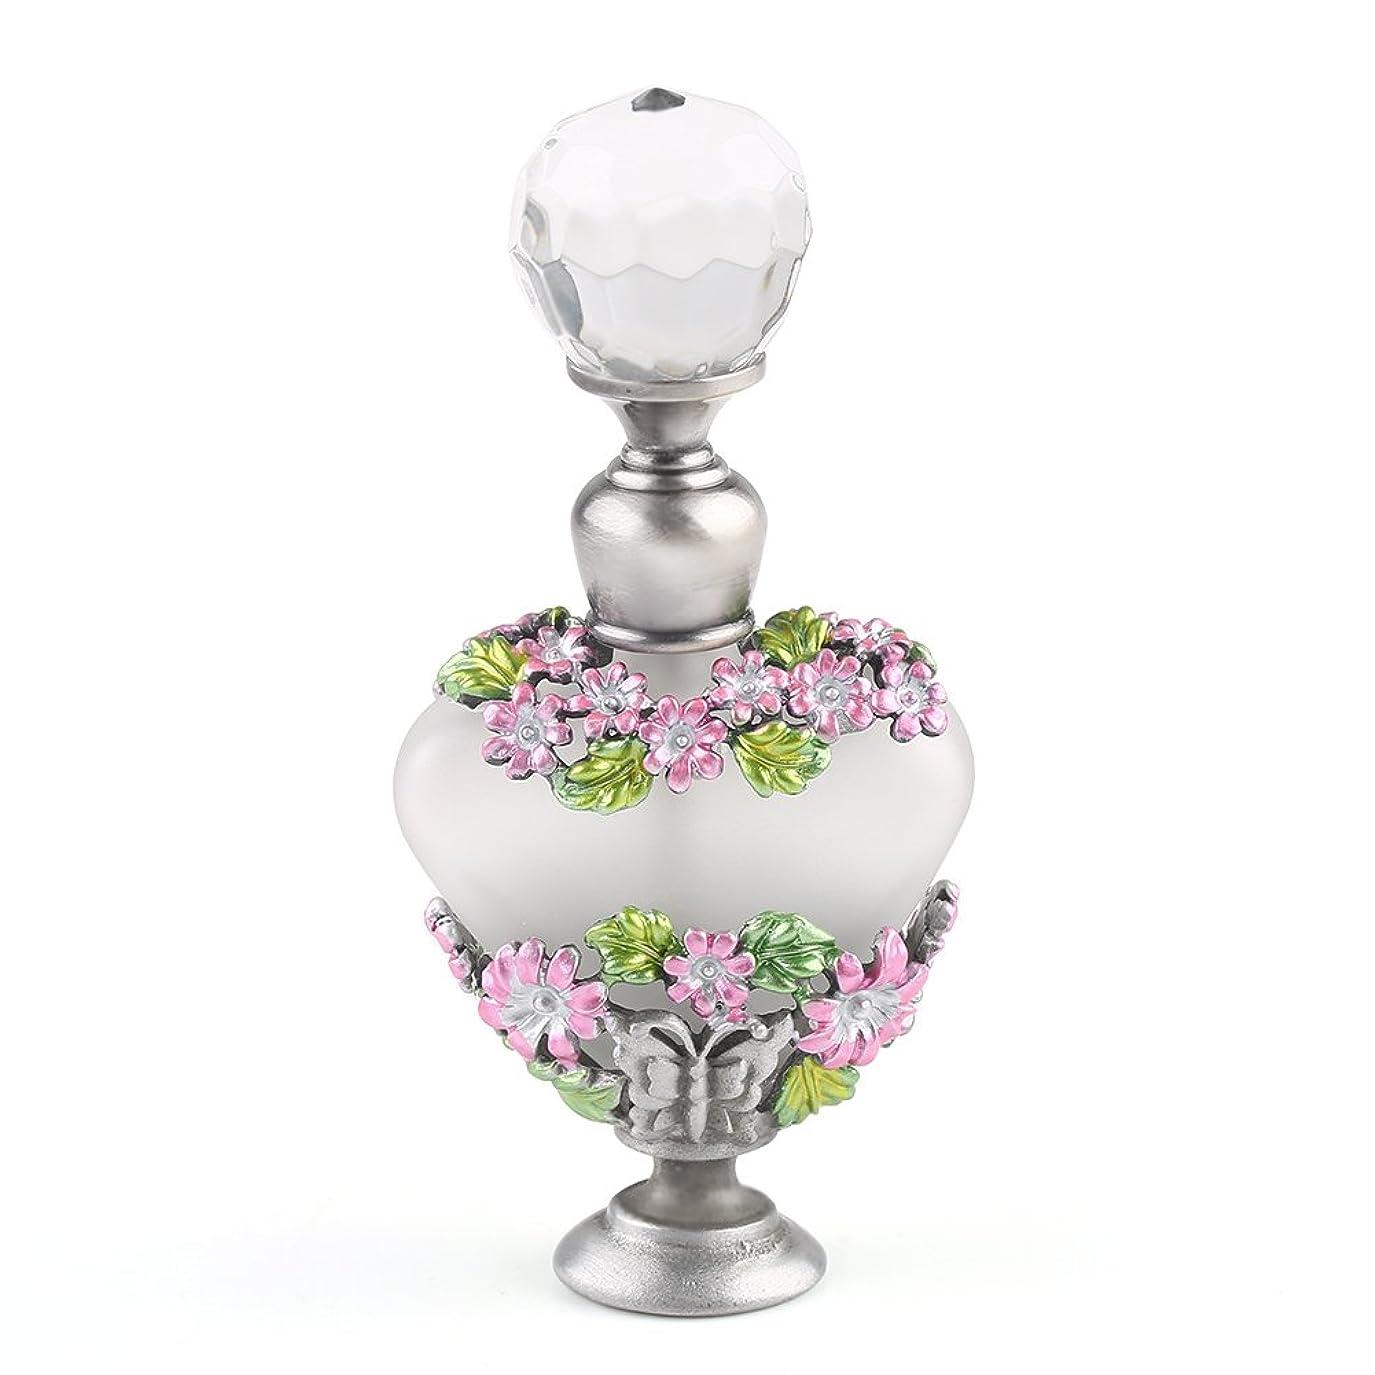 カラス上級先例VERY100 高品質 美しい香水瓶/アロマボトル 5ML アロマオイル用瓶 綺麗アンティーク調 フラワーデザイン プレゼント 結婚式 飾り 58778